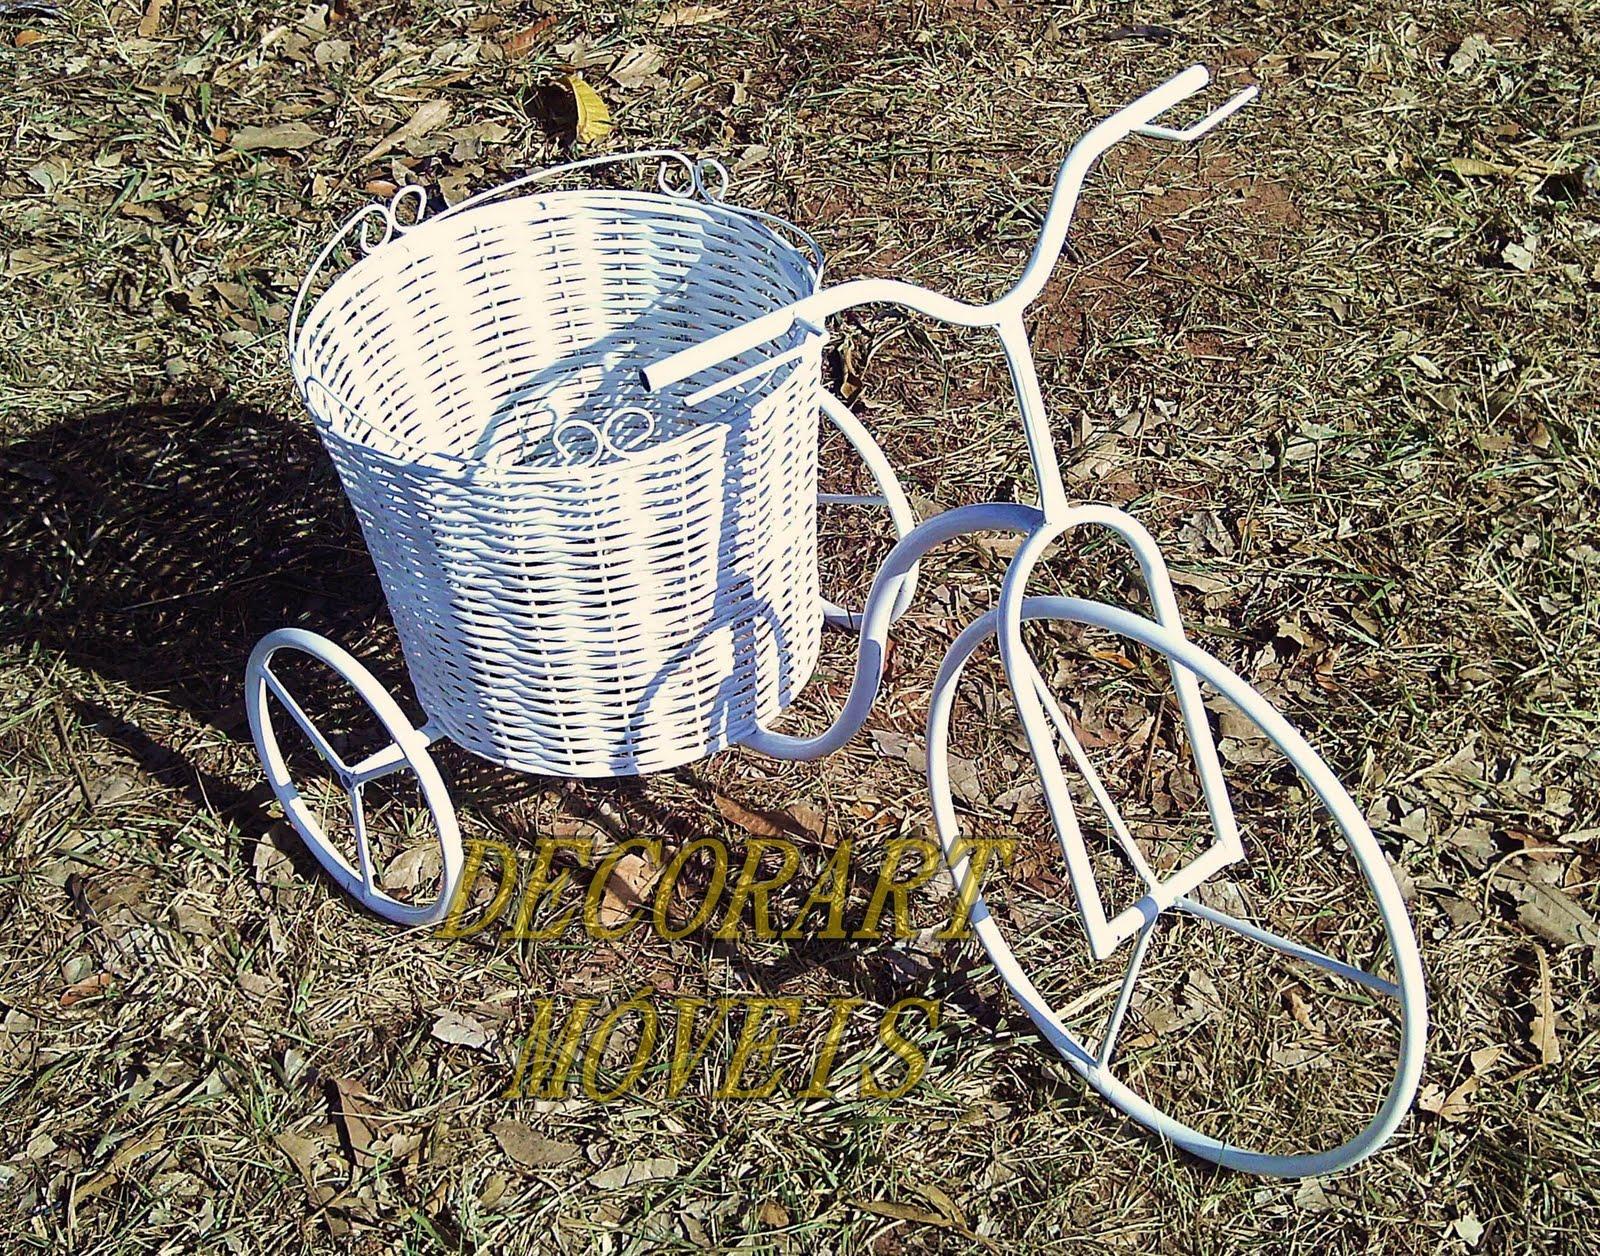 objetos decoracao jardim : objetos decoracao jardim:OBJETOS DE DECORAÇÃO EM FERRO: bicicleta para jardim floreira